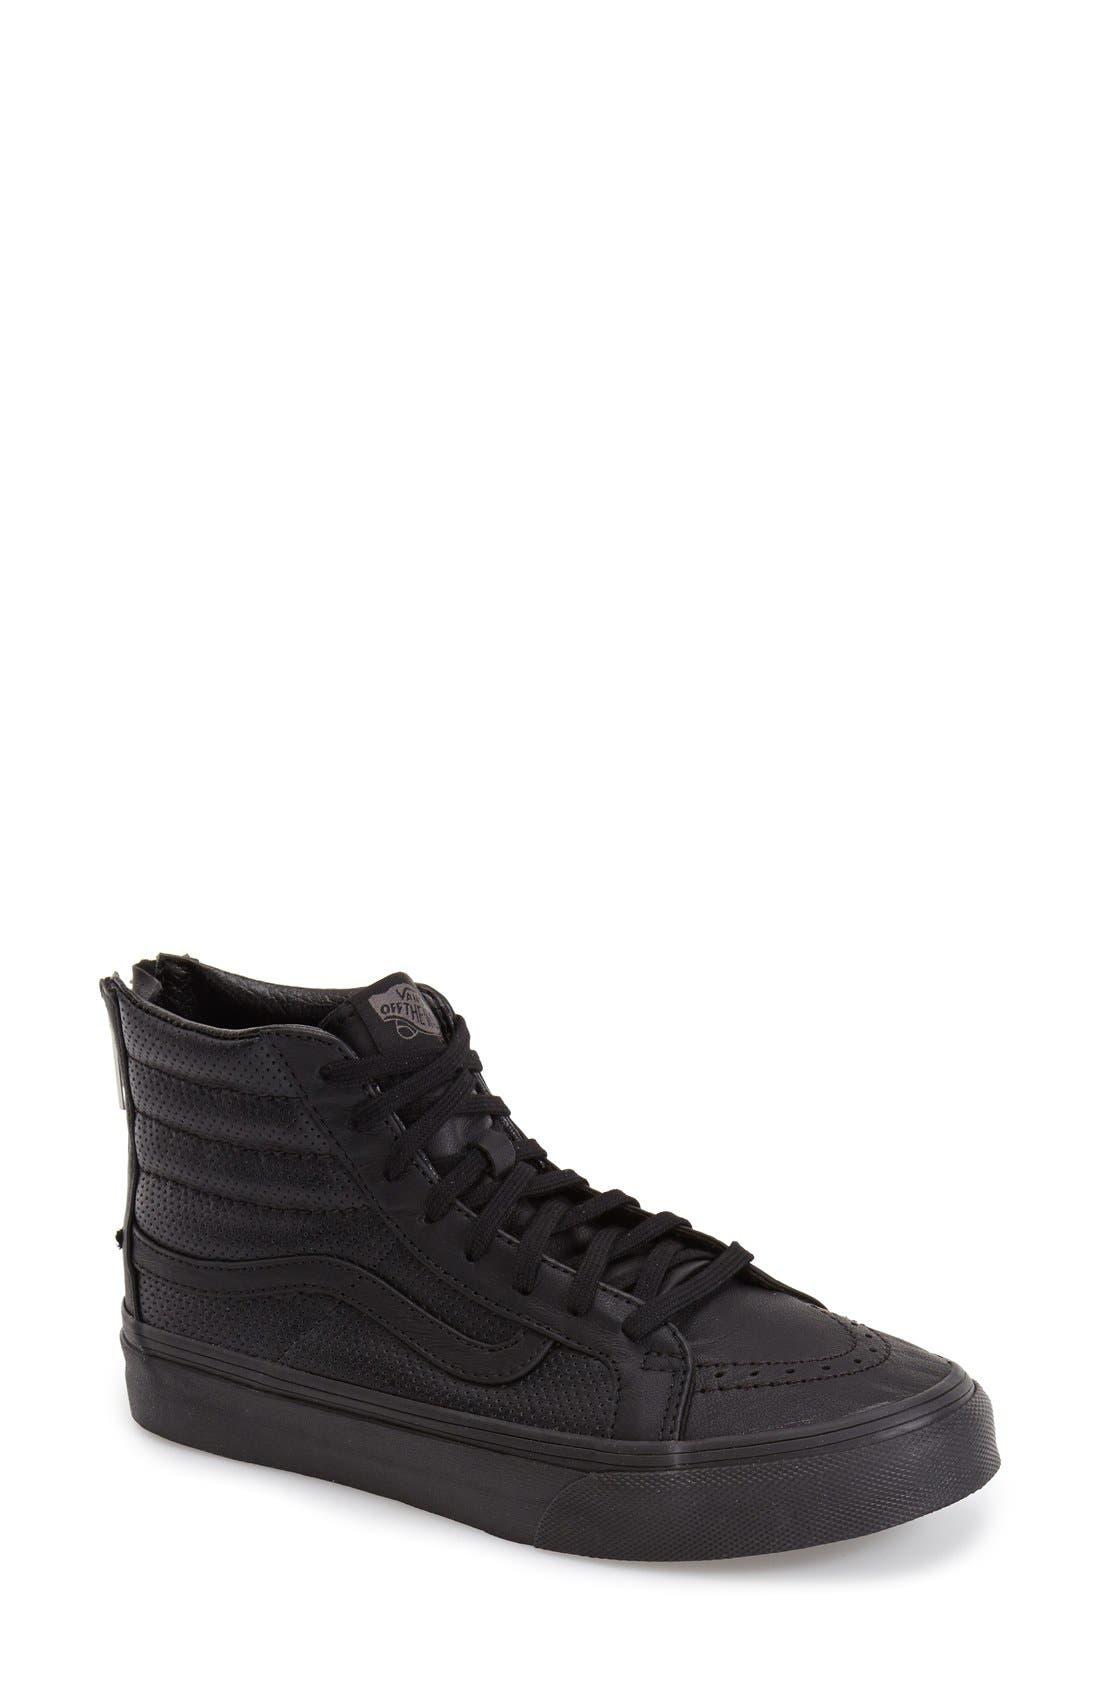 'Sk8-Hi Slim' Perforated Sneaker,                             Main thumbnail 1, color,